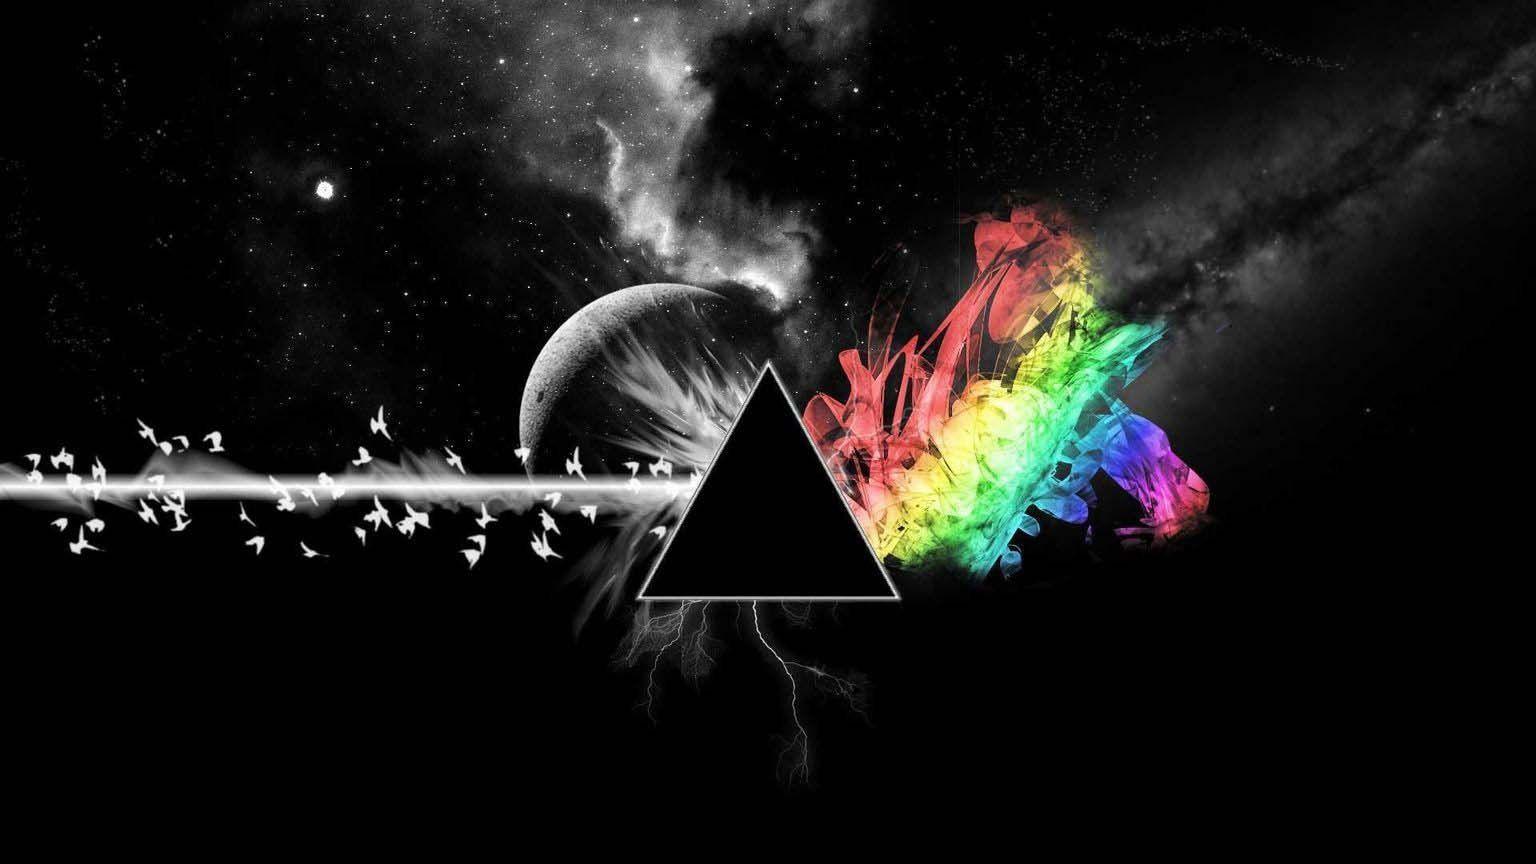 Top 100 Cool Desktop Wallpapers For Windows 8 Wallpaper Cool Best Image Gallery Site Cool Desktop Wallpapers Pink Floyd Dark Side Moon Artwork